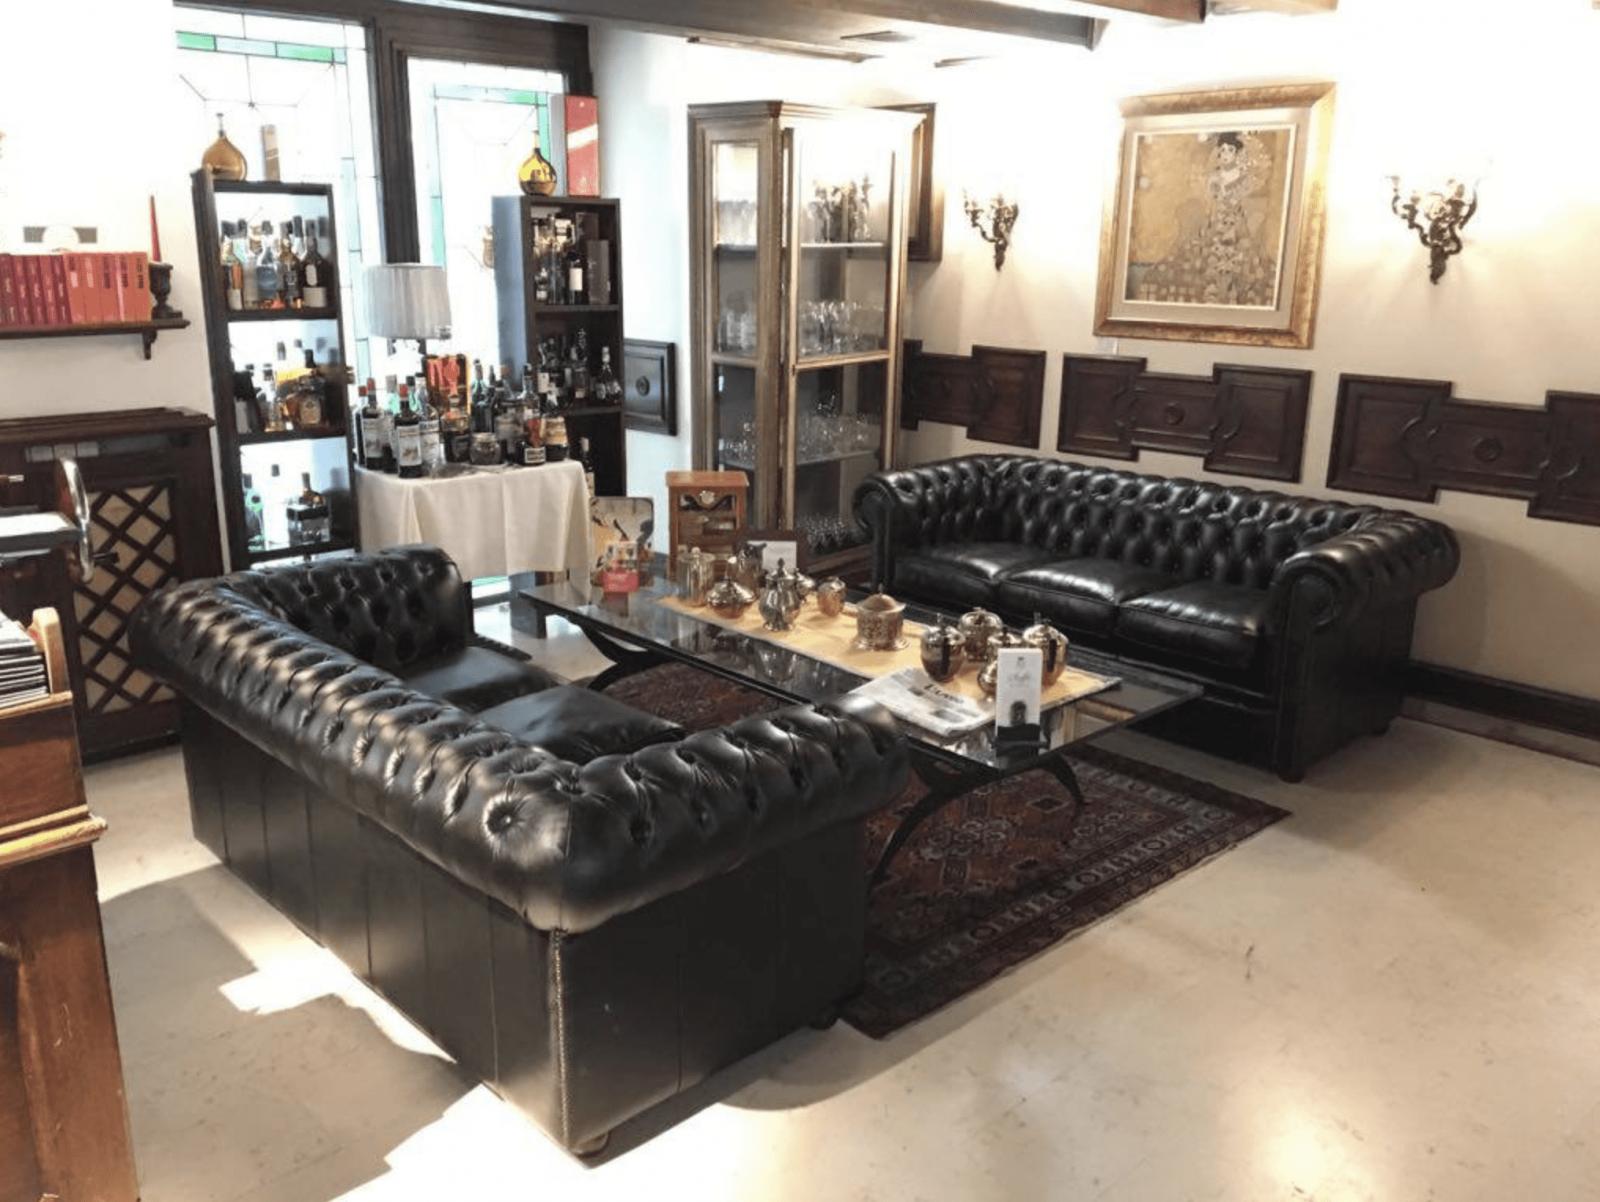 Coppia di divani Chestefield di nuova produzione finiti in pelle Antique Green - Ristorante Maffei (Piazza Erbe - Verona)